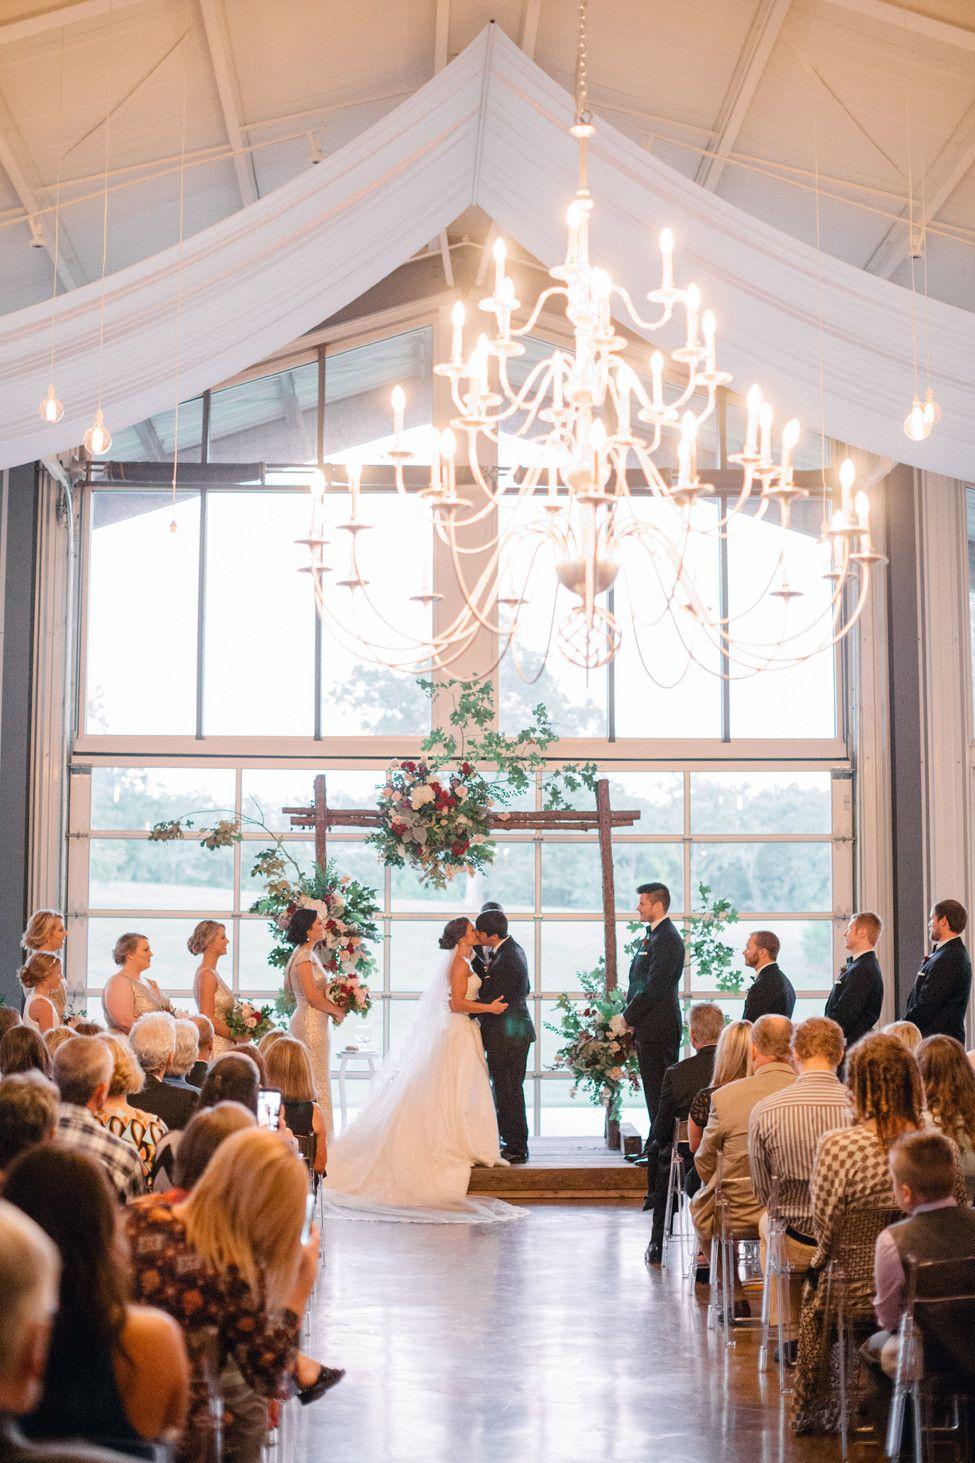 Can't decide between an indoor or outdoor wedding? Cold